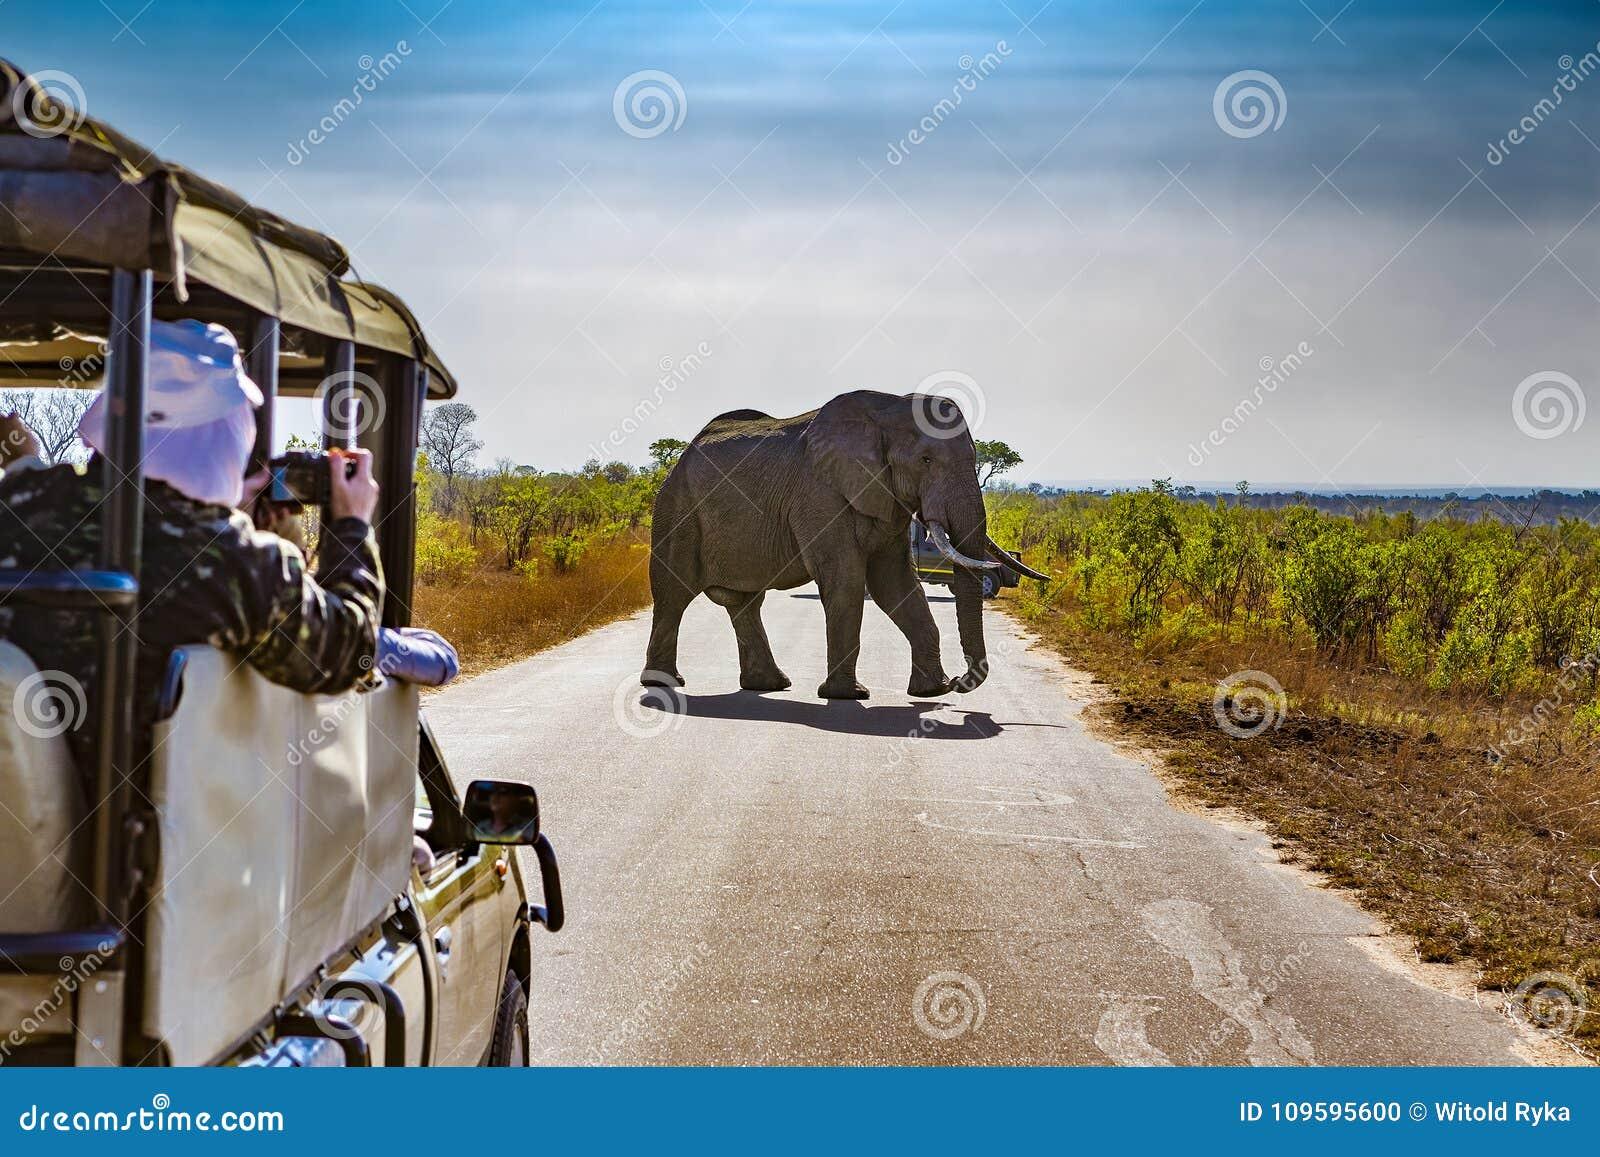 Parc national de Kruger, Afrique du Sud